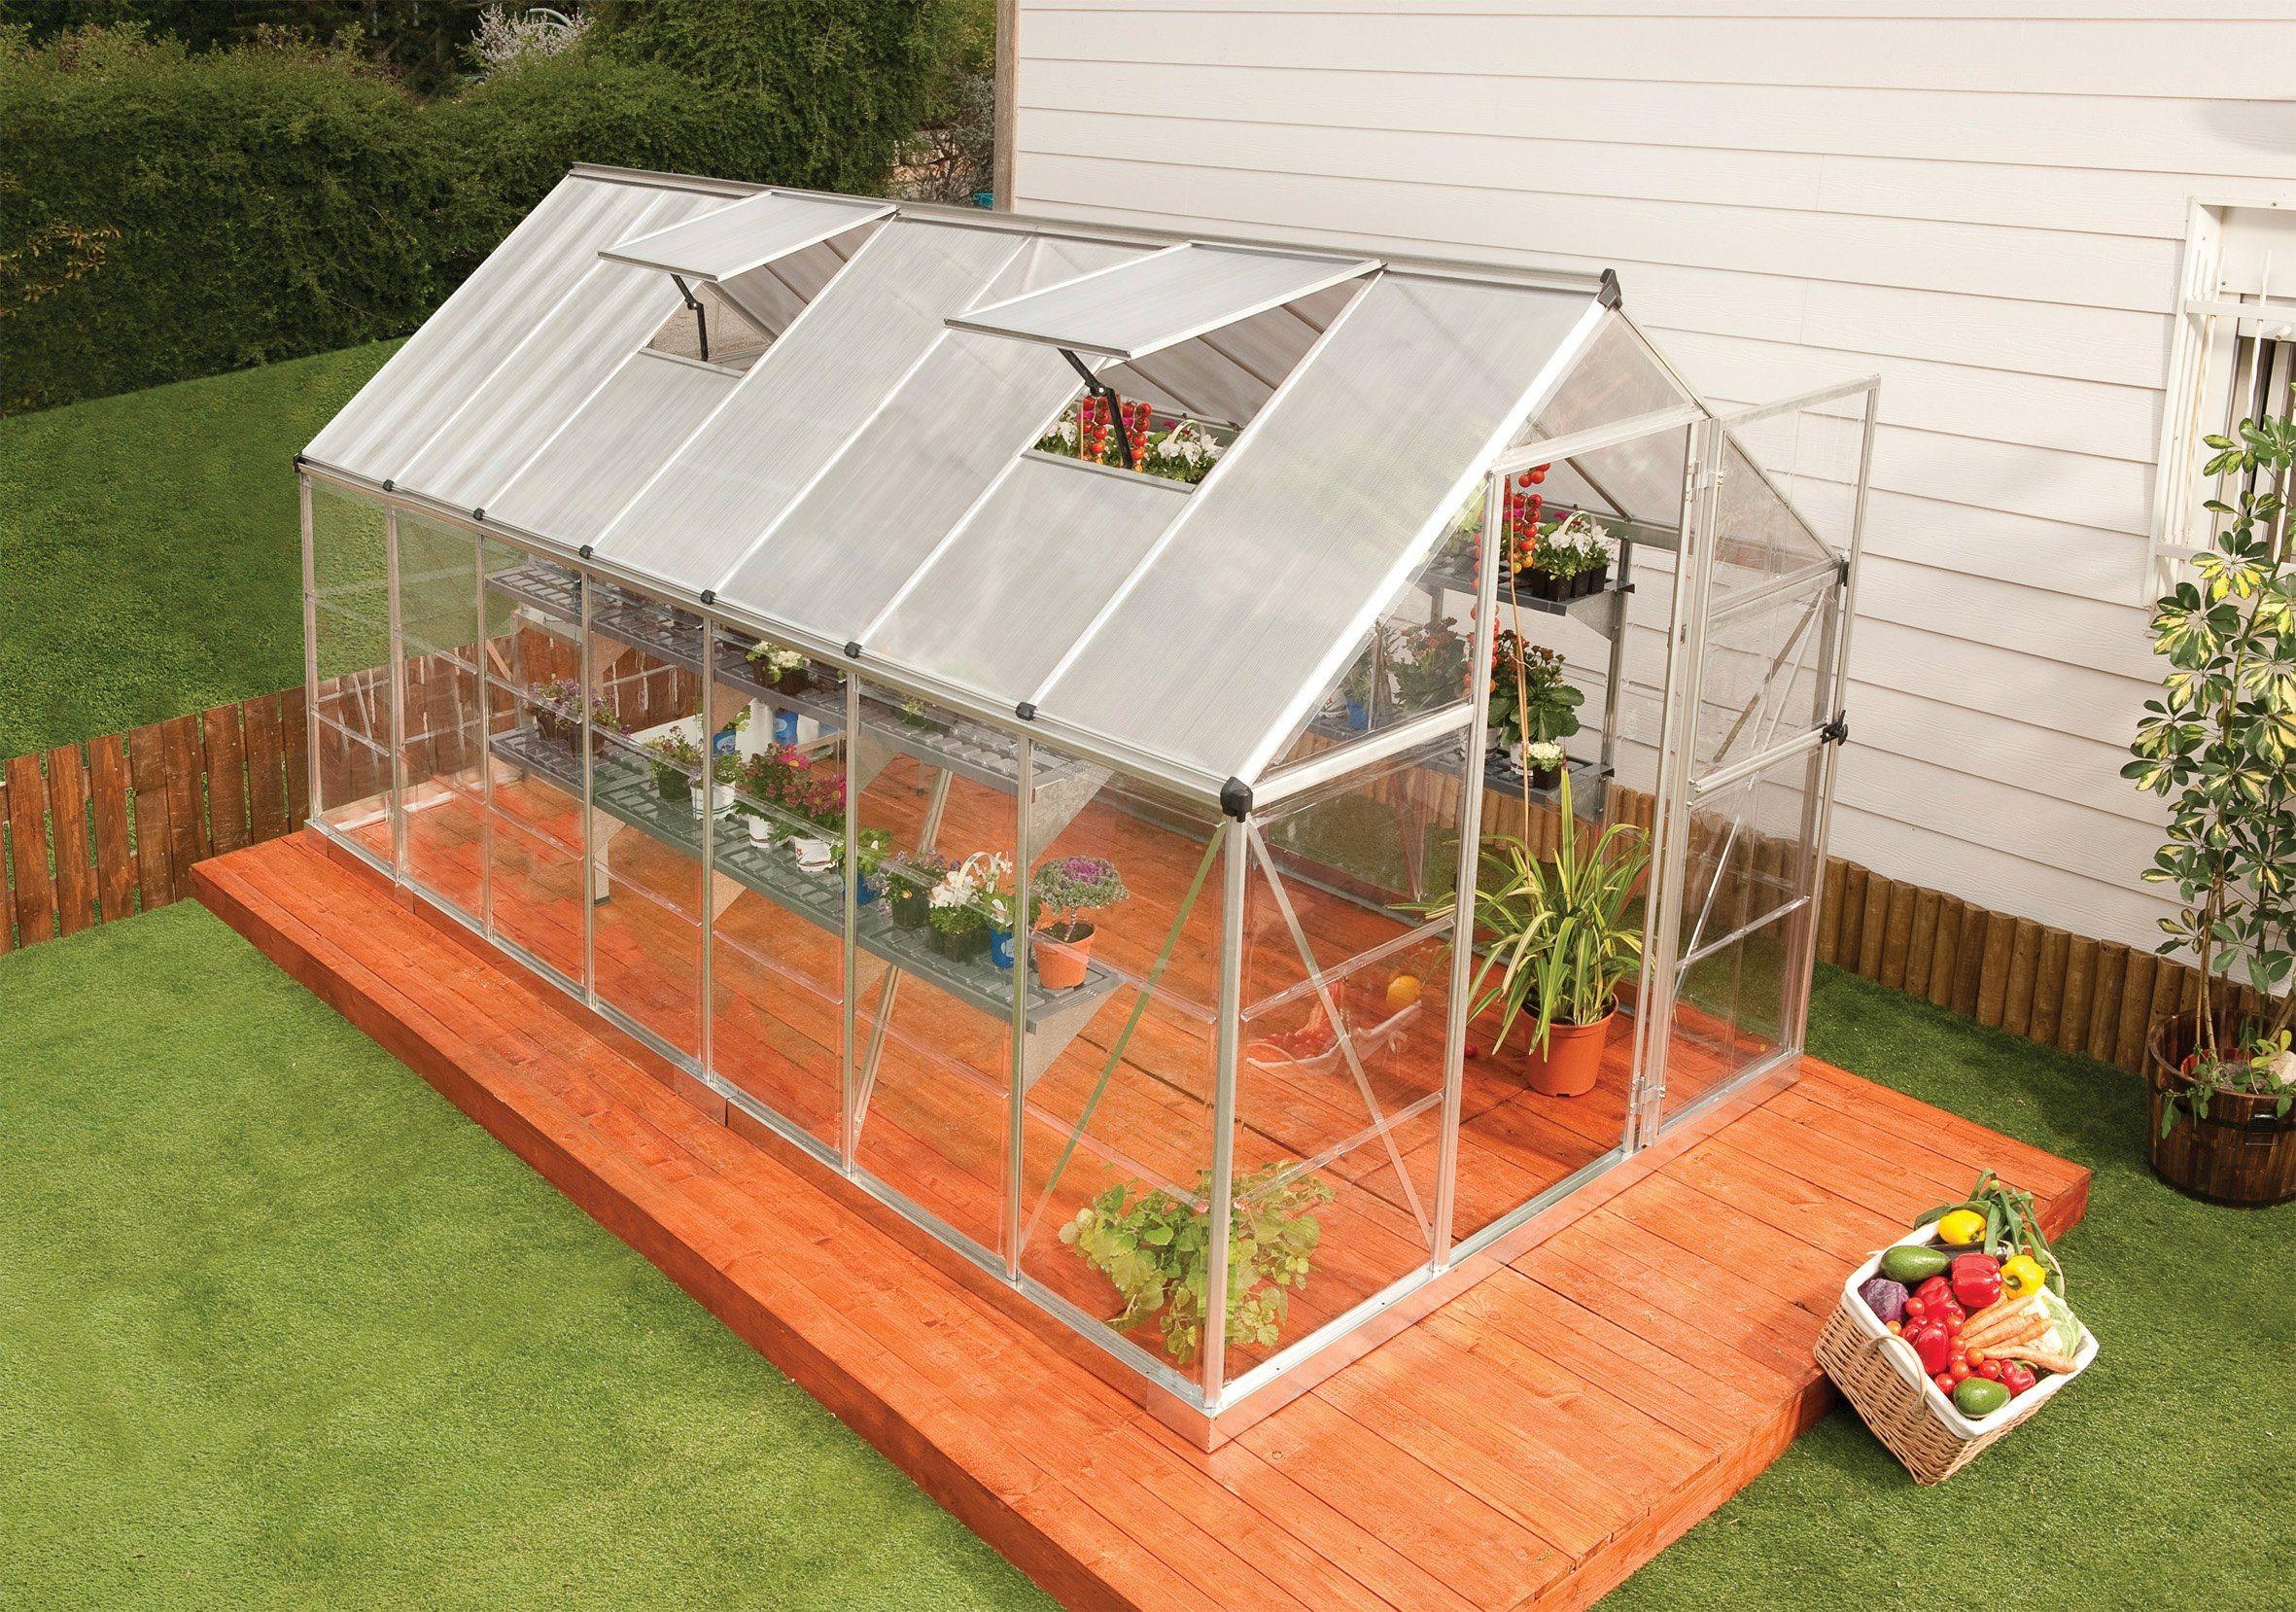 PALRAM Gewächshaus »Hybrid«, Größe 5, B/T/H: 185/426/208 cm, silberfarben | Garten > Gewächshäuser | Polycarbonat | Palram